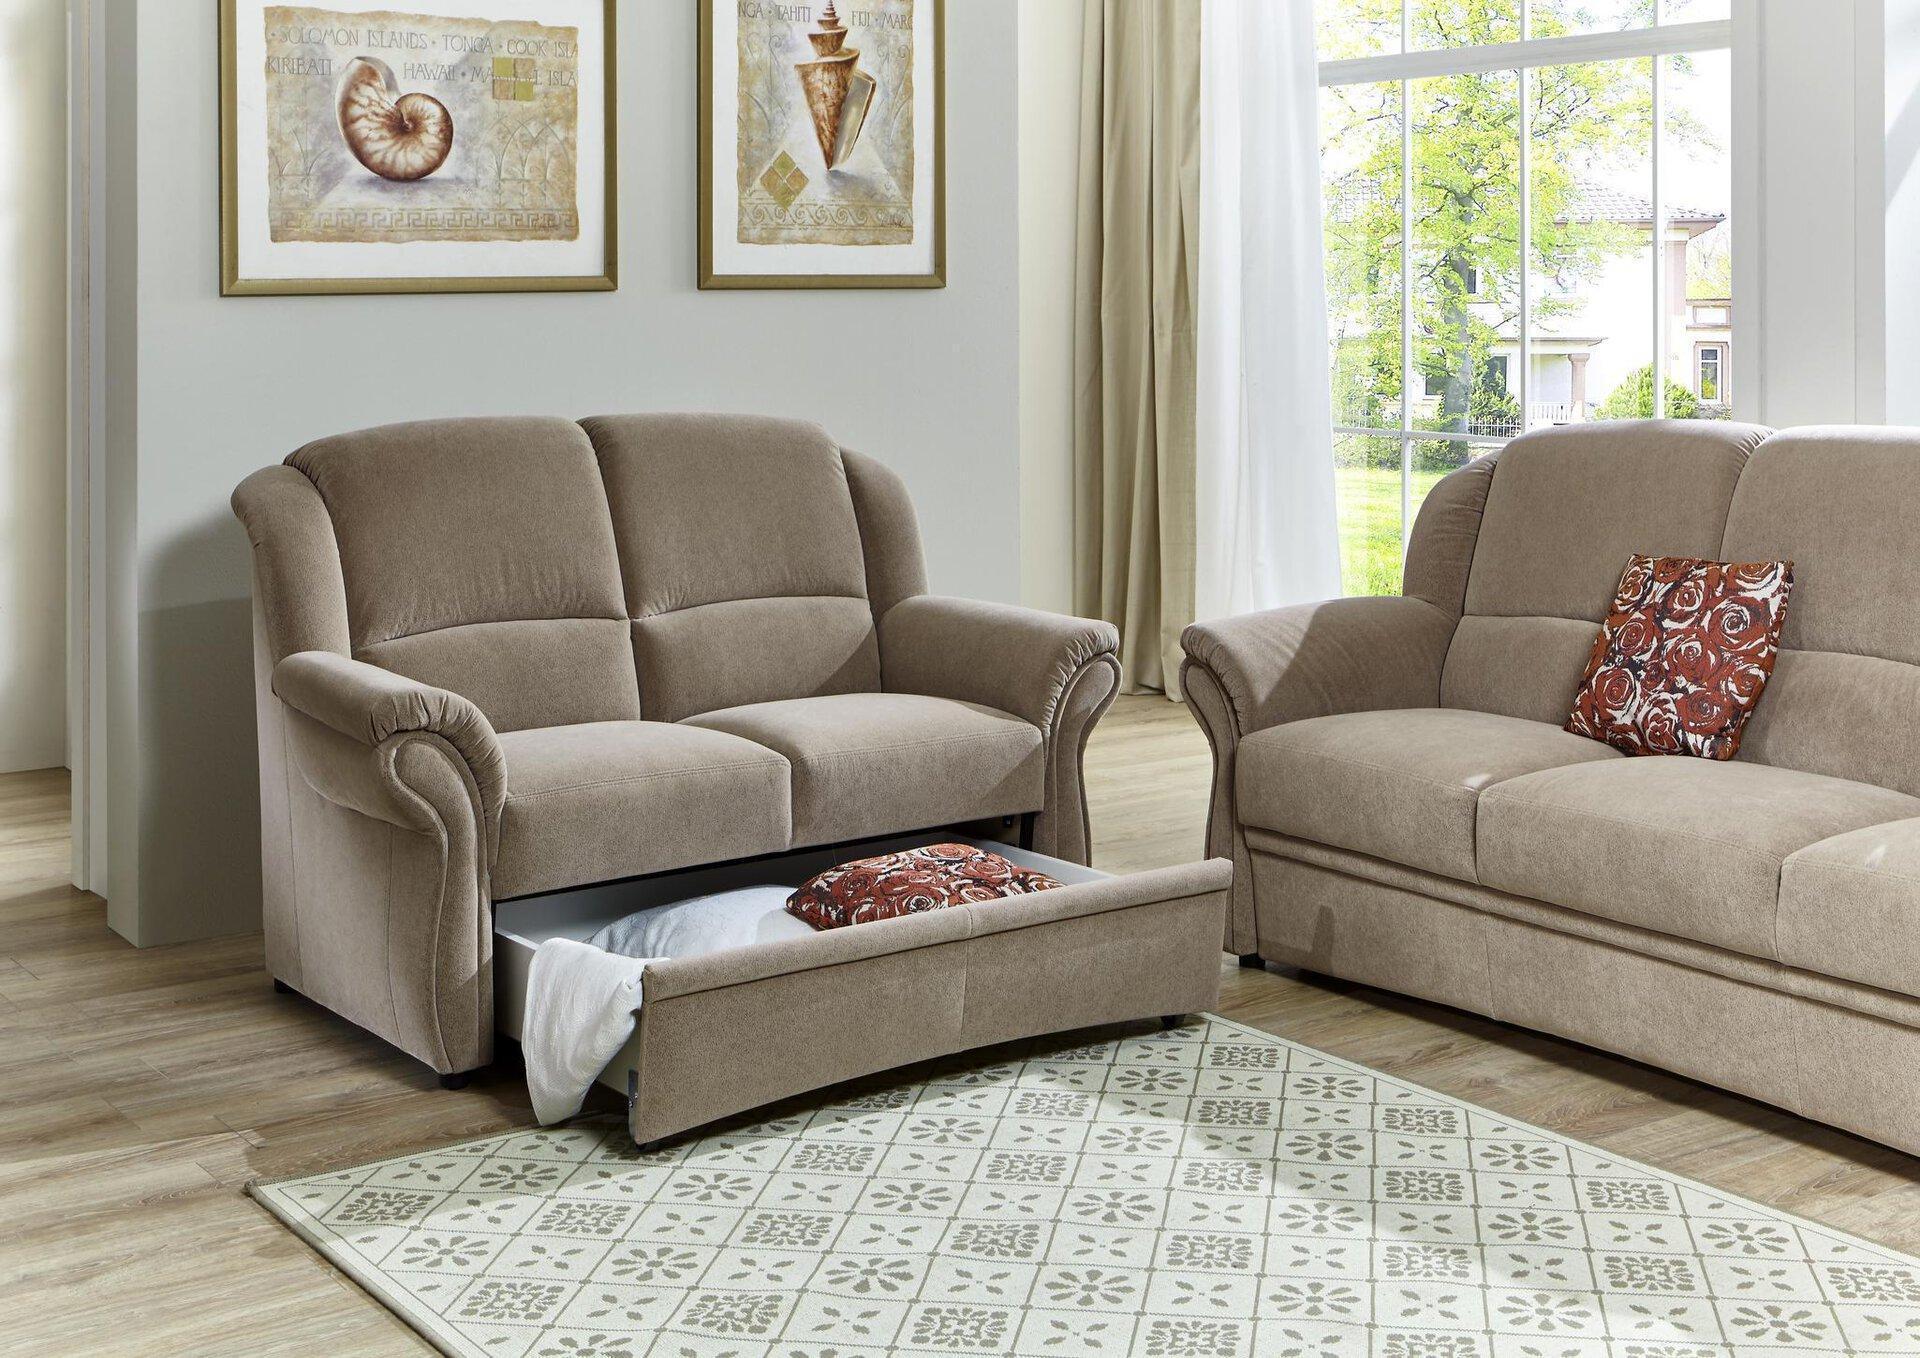 Sofa 2-Sitzer Systempolster Textil beige 89 x 98 x 148 cm